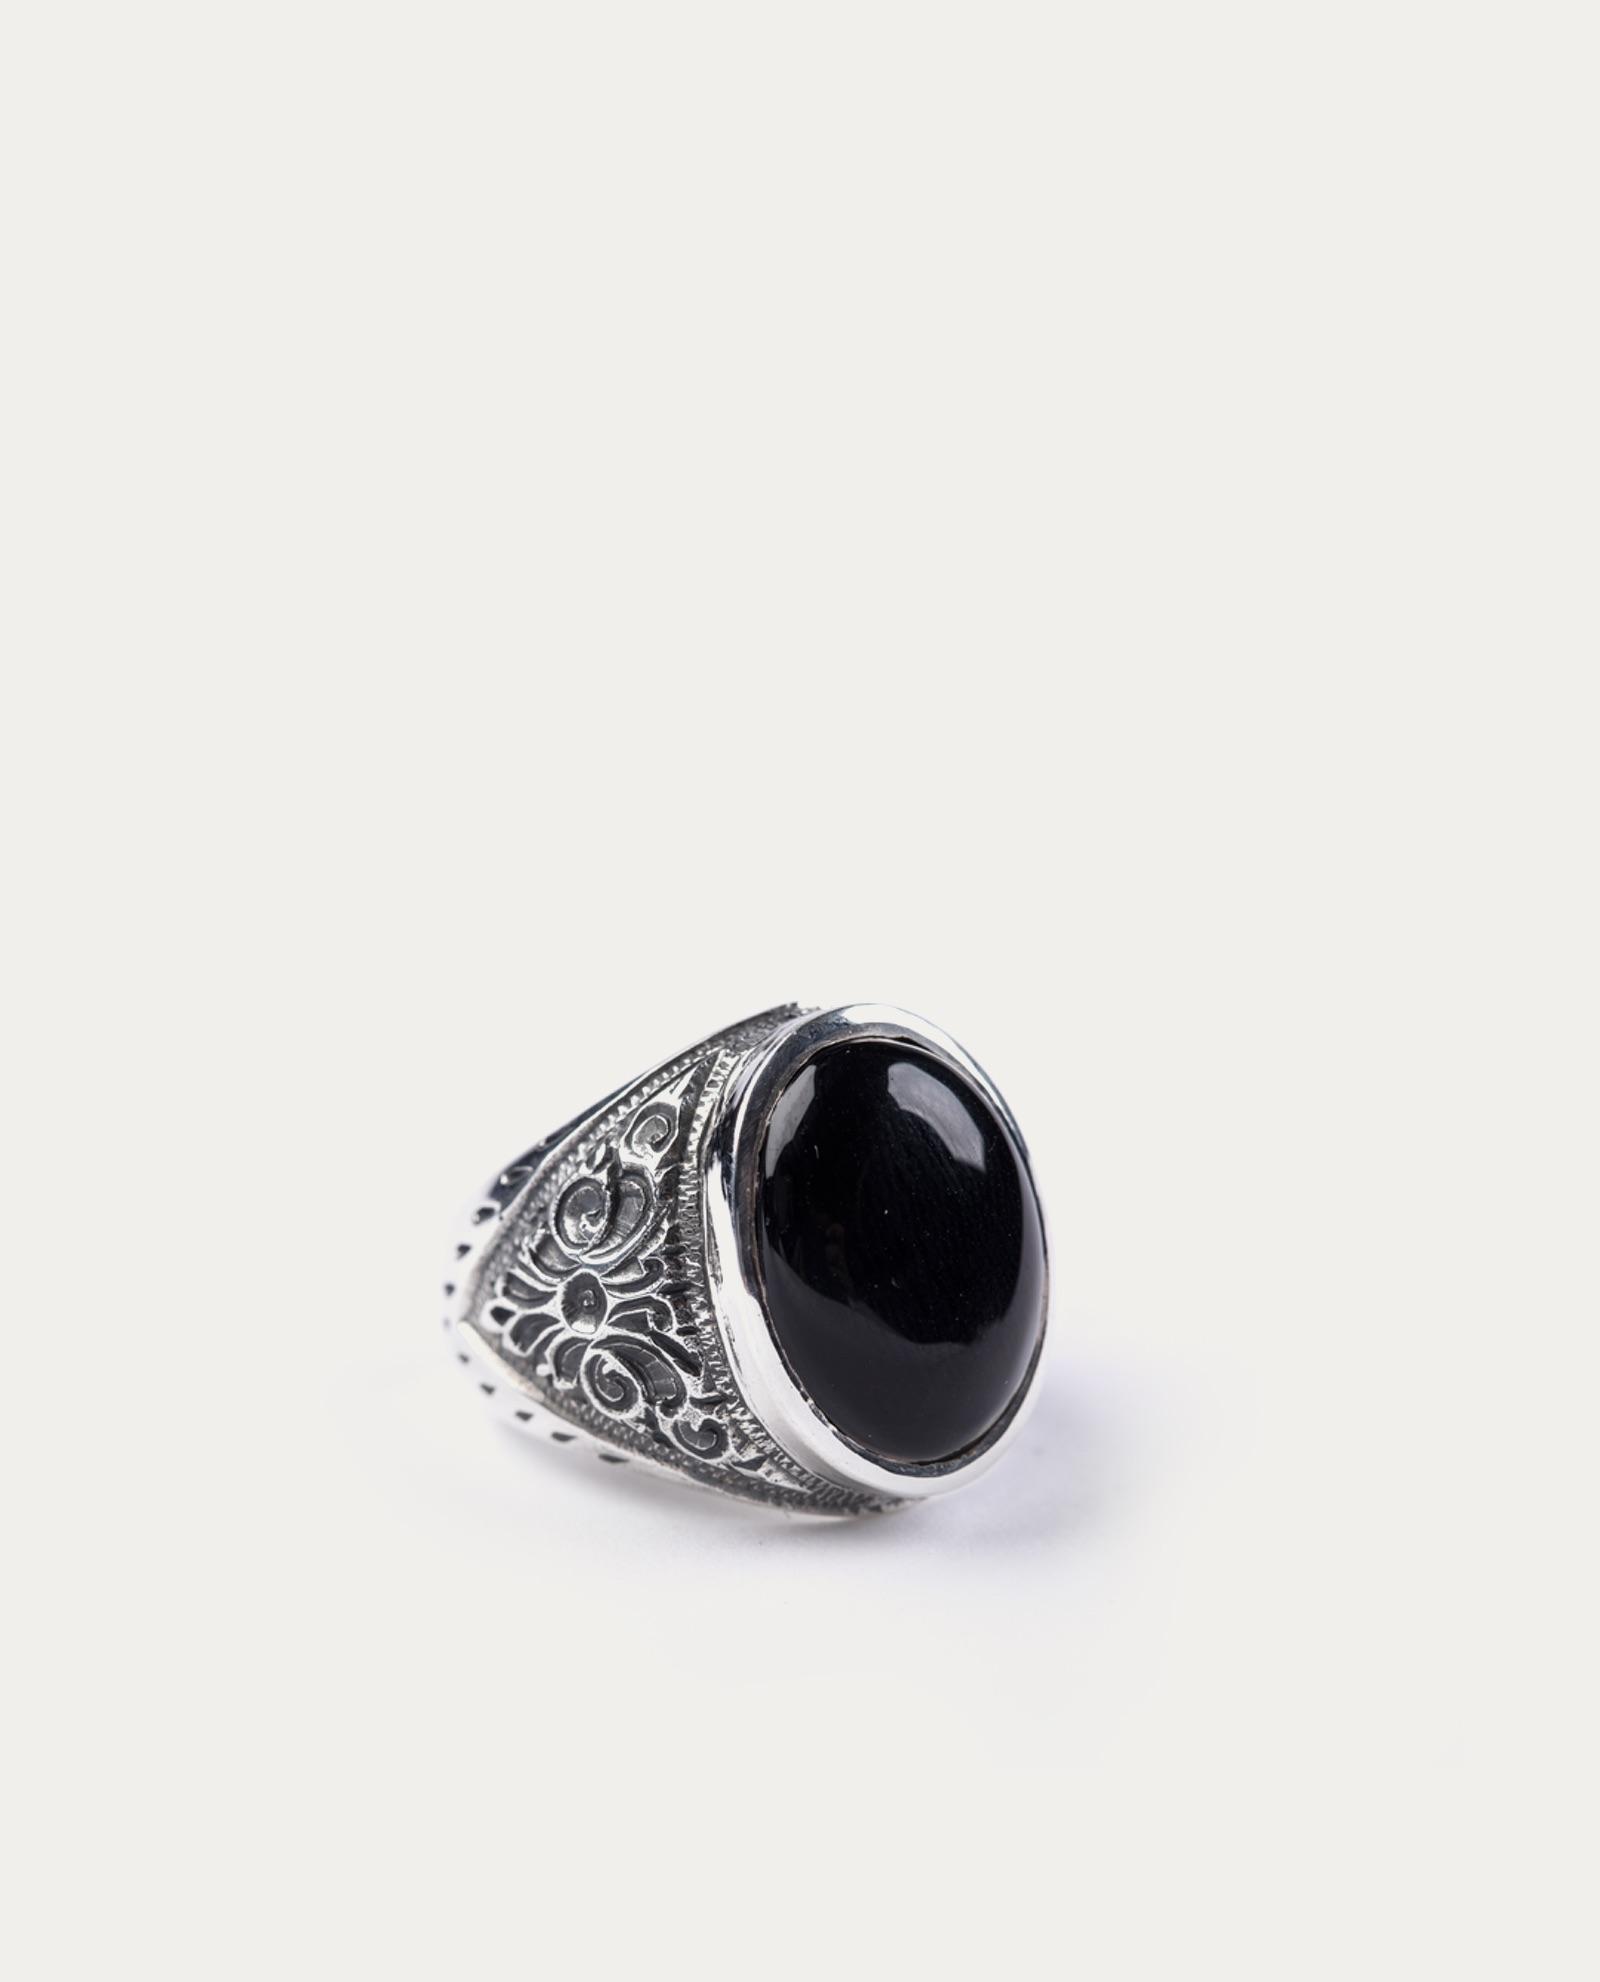 tonsor cie bague argent baroque agate noir 1 ·  tonsor cie bague argent baroque agate noir 2 039e7ff220db